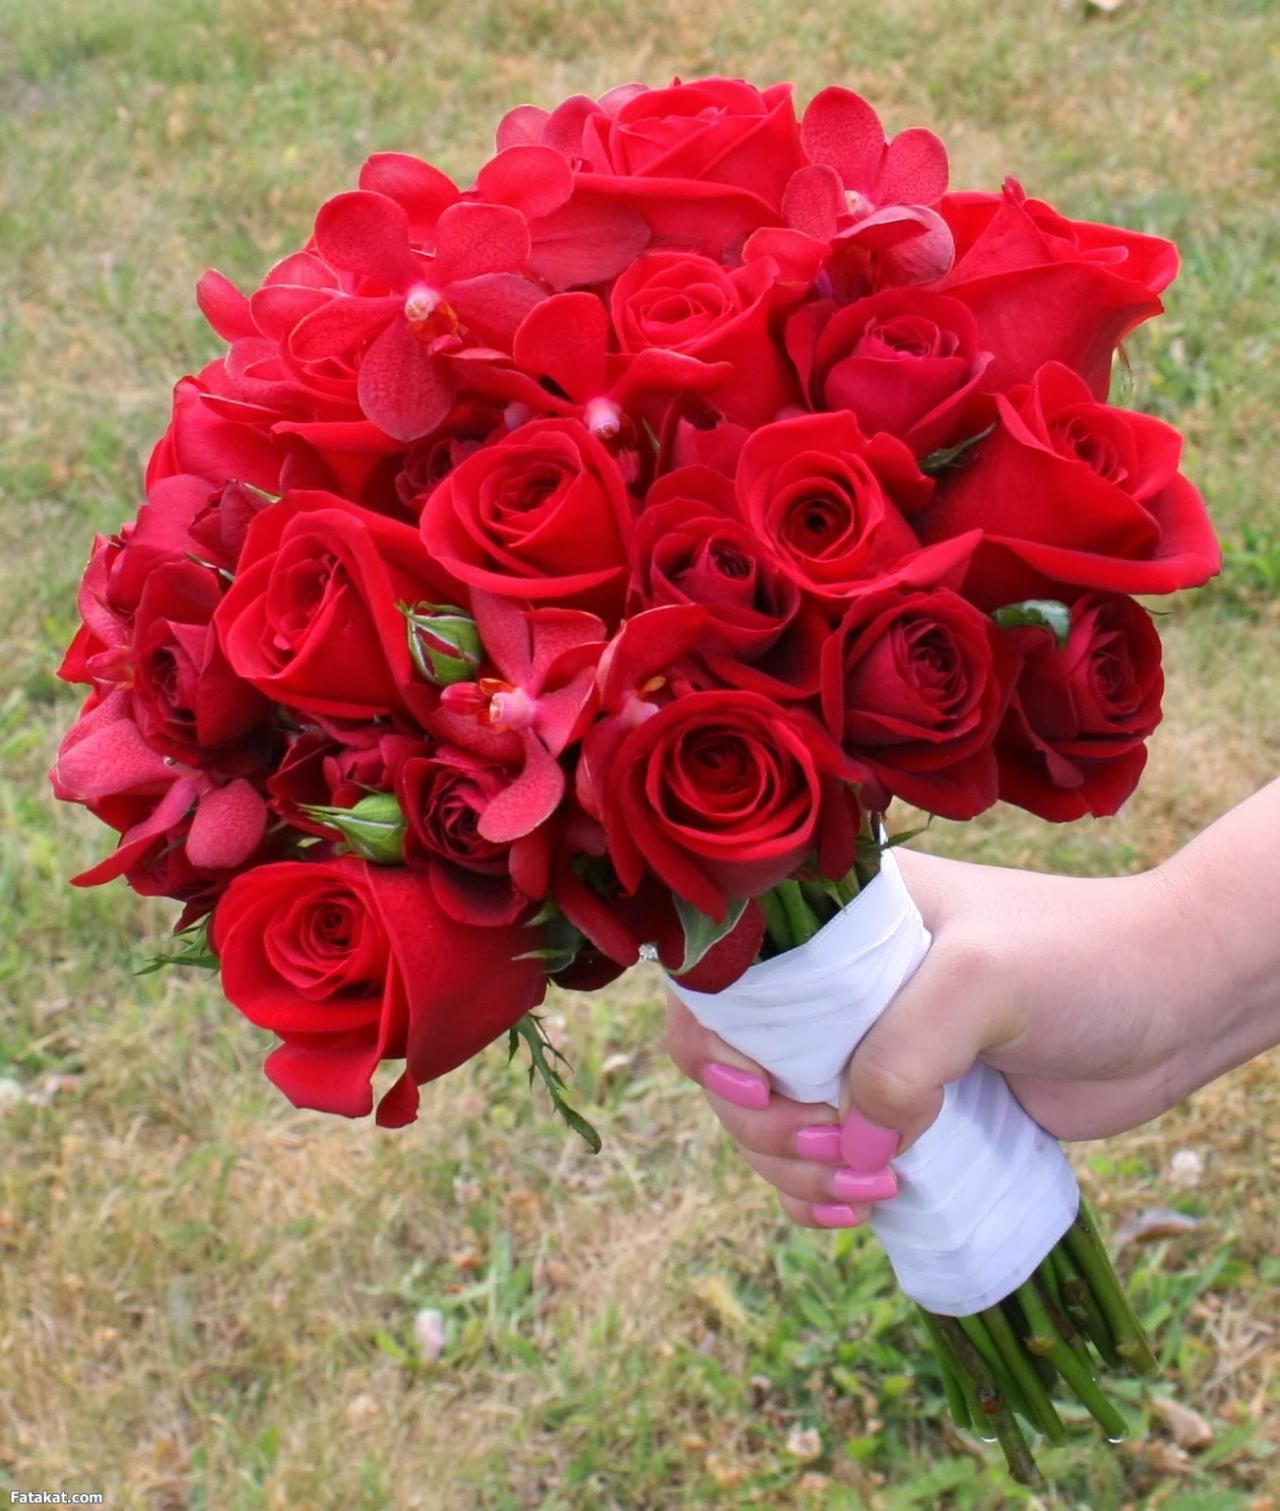 صور صور ورد حلوه , انواع الورود بالصور الجميله